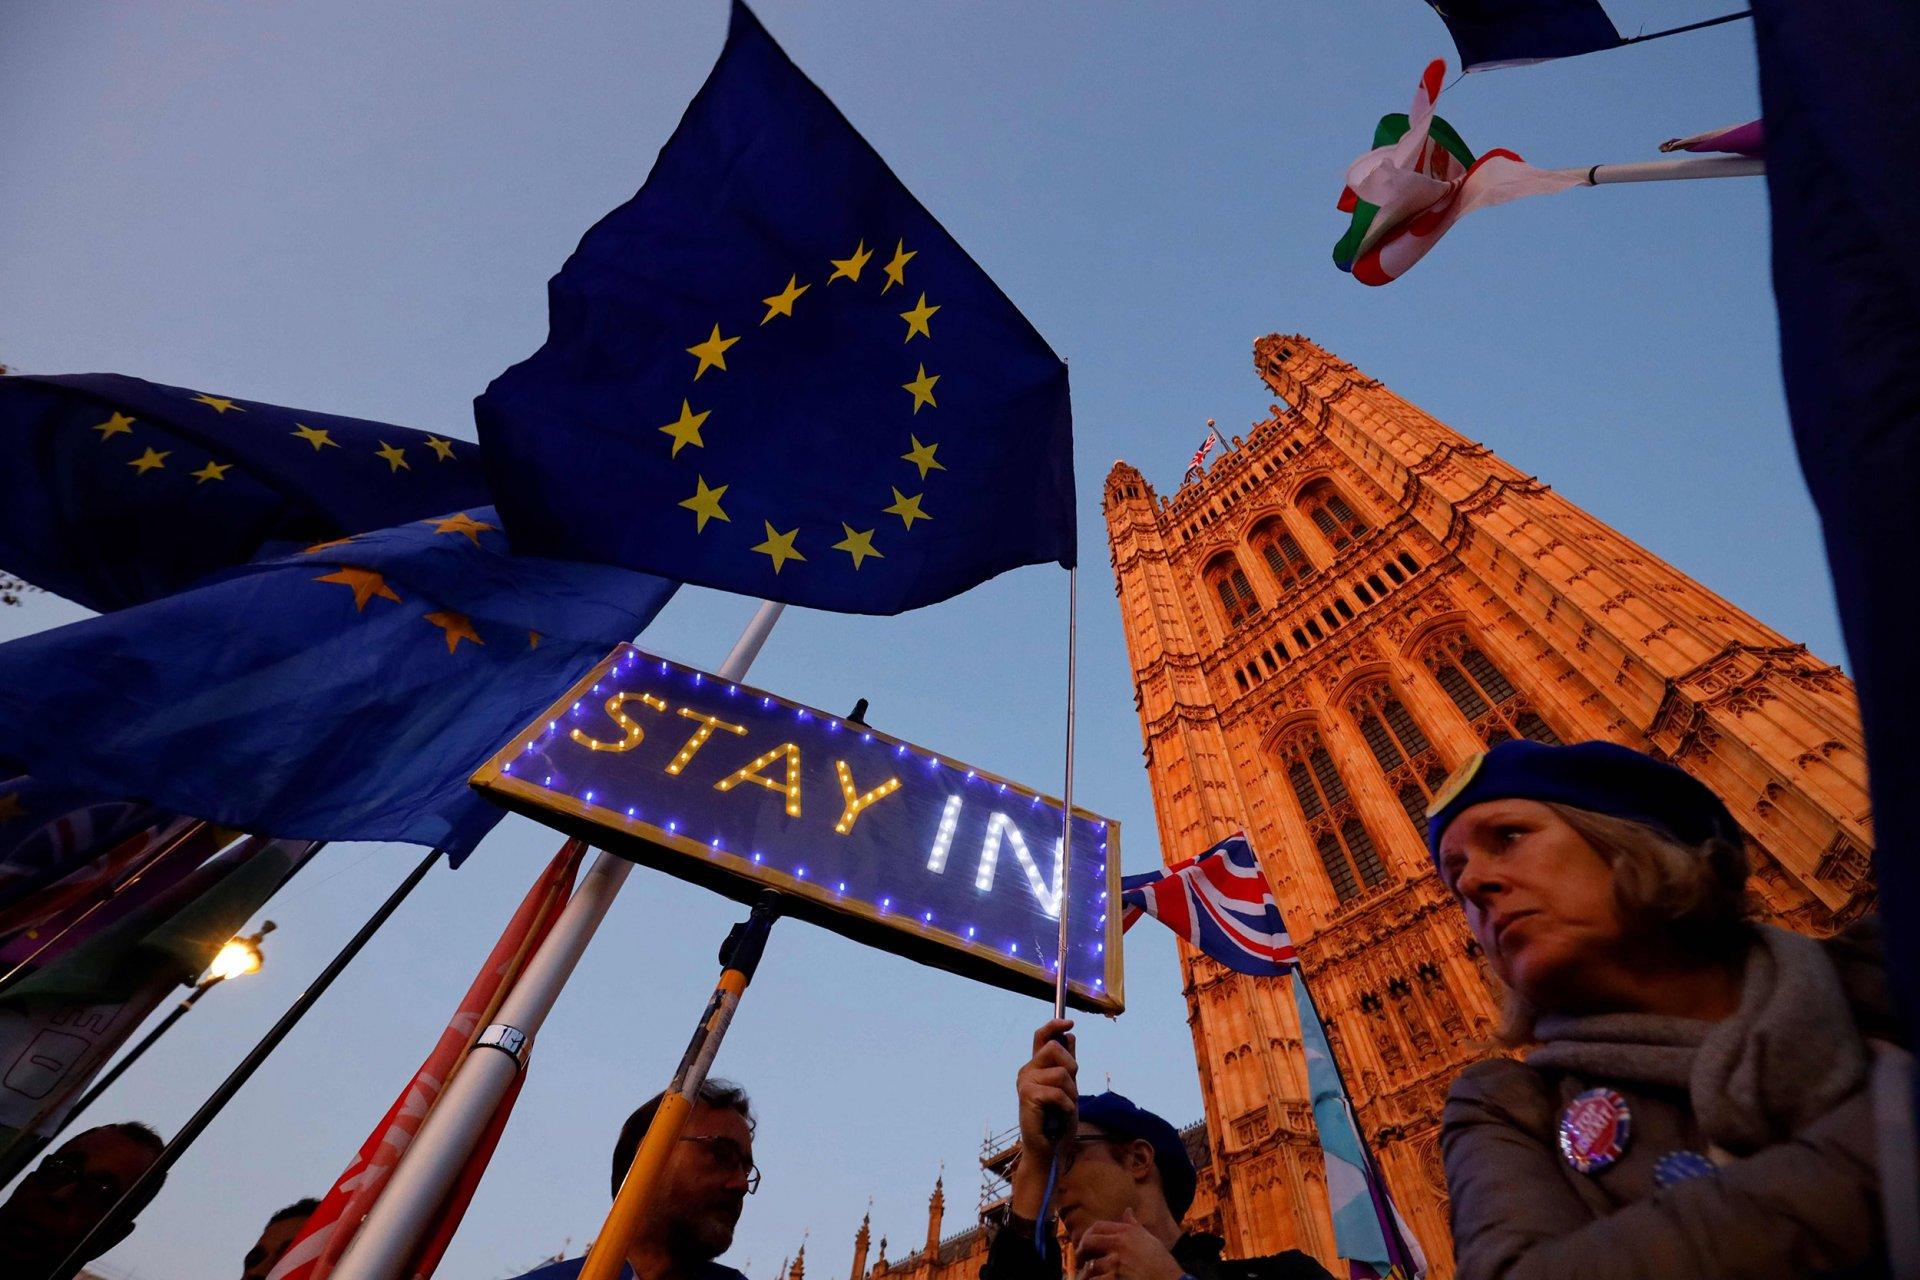 Европын холбооноос Брекситийн хугацааг дахин гурван сараар хойшлууллаа